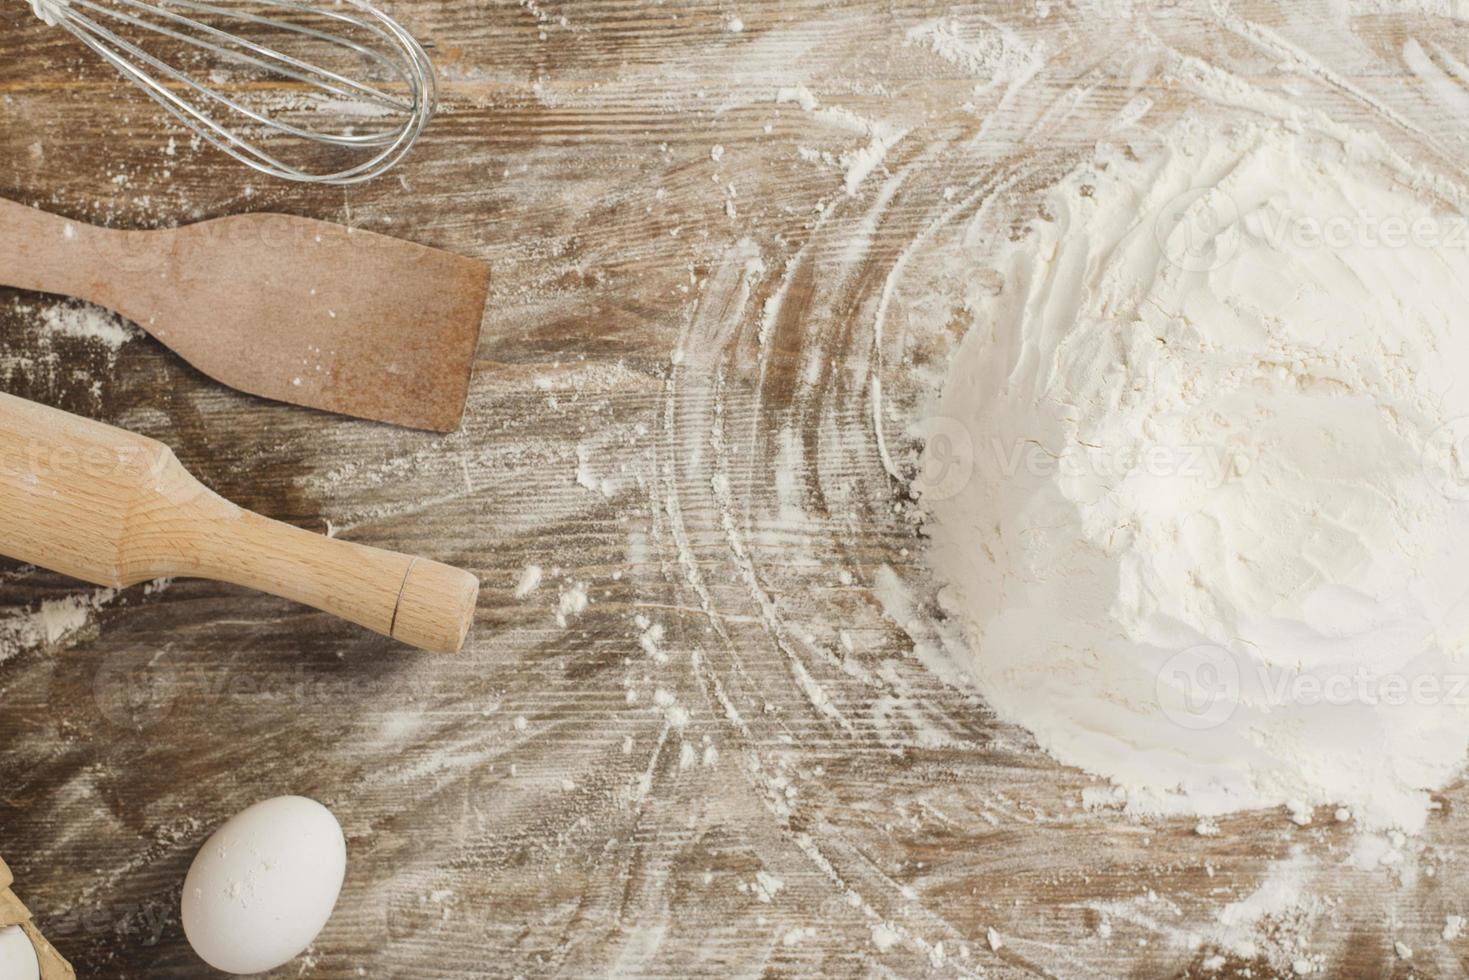 vista superior da farinha na superfície de madeira foto